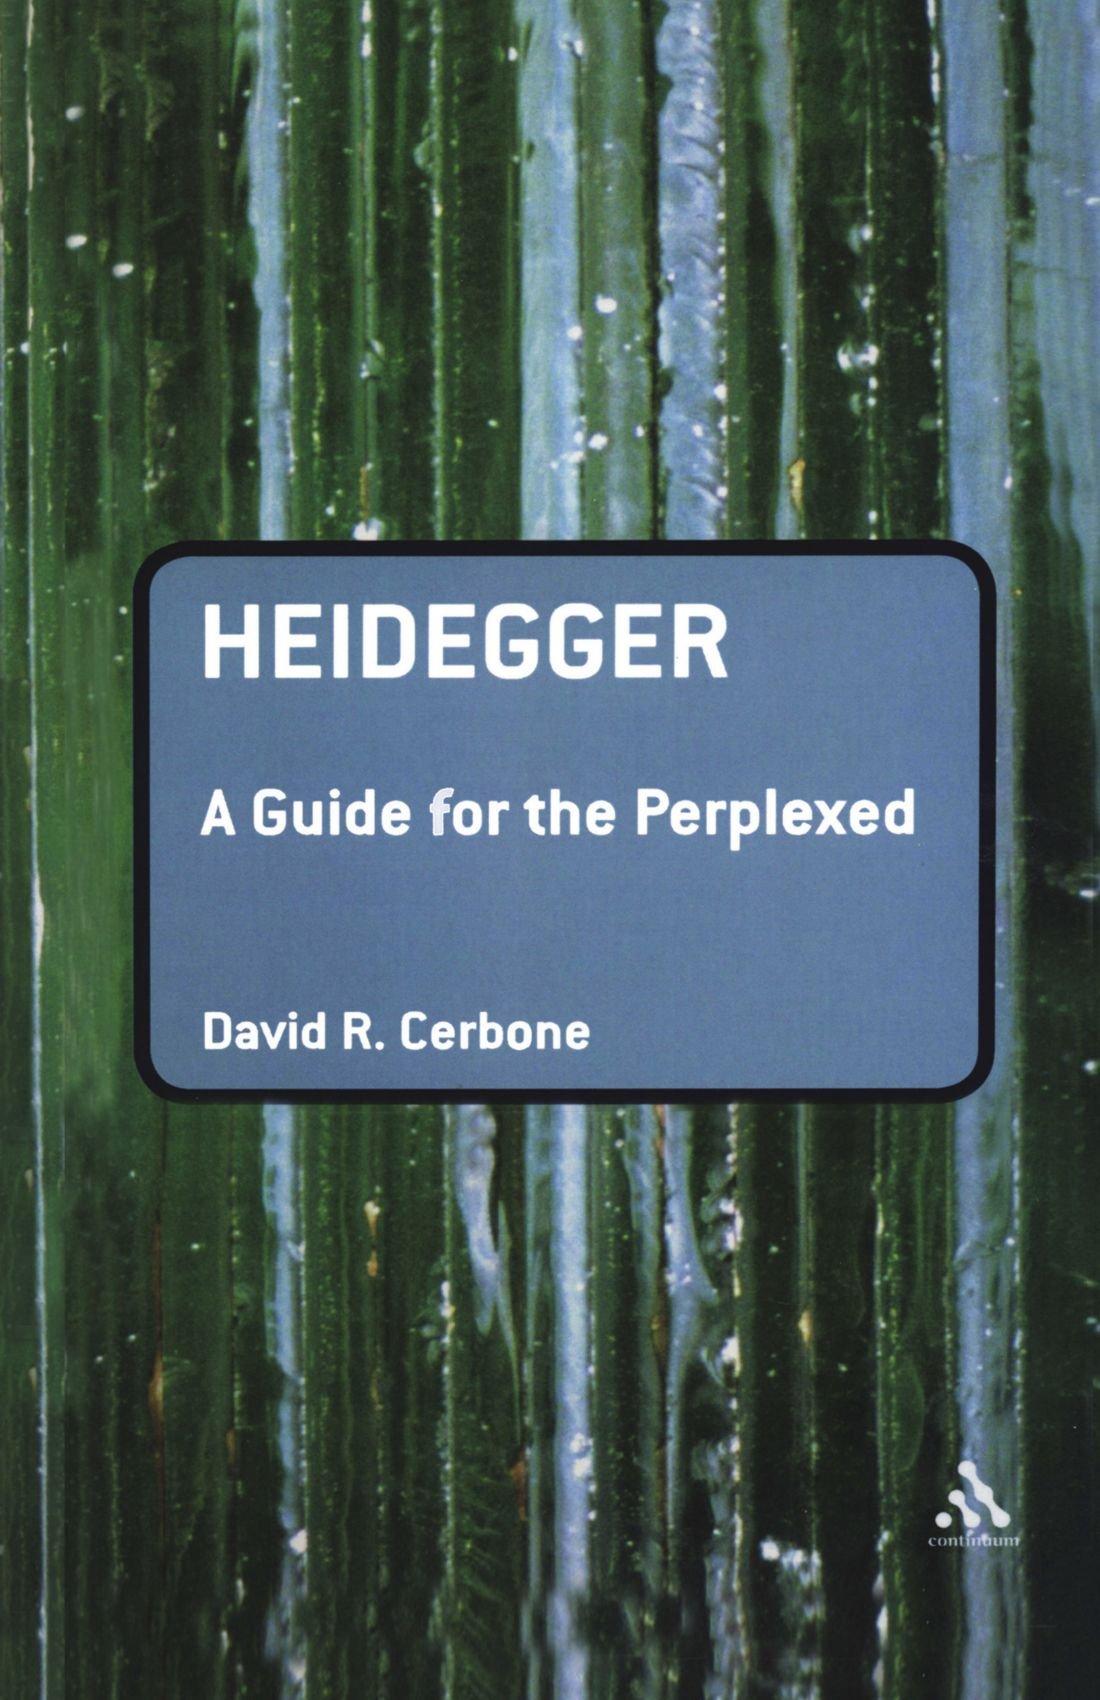 Heidegger: A Guide for the Perplexed (Guides for the Perplexed): David R.  Cerbone: 9780826486691: Amazon.com: Books